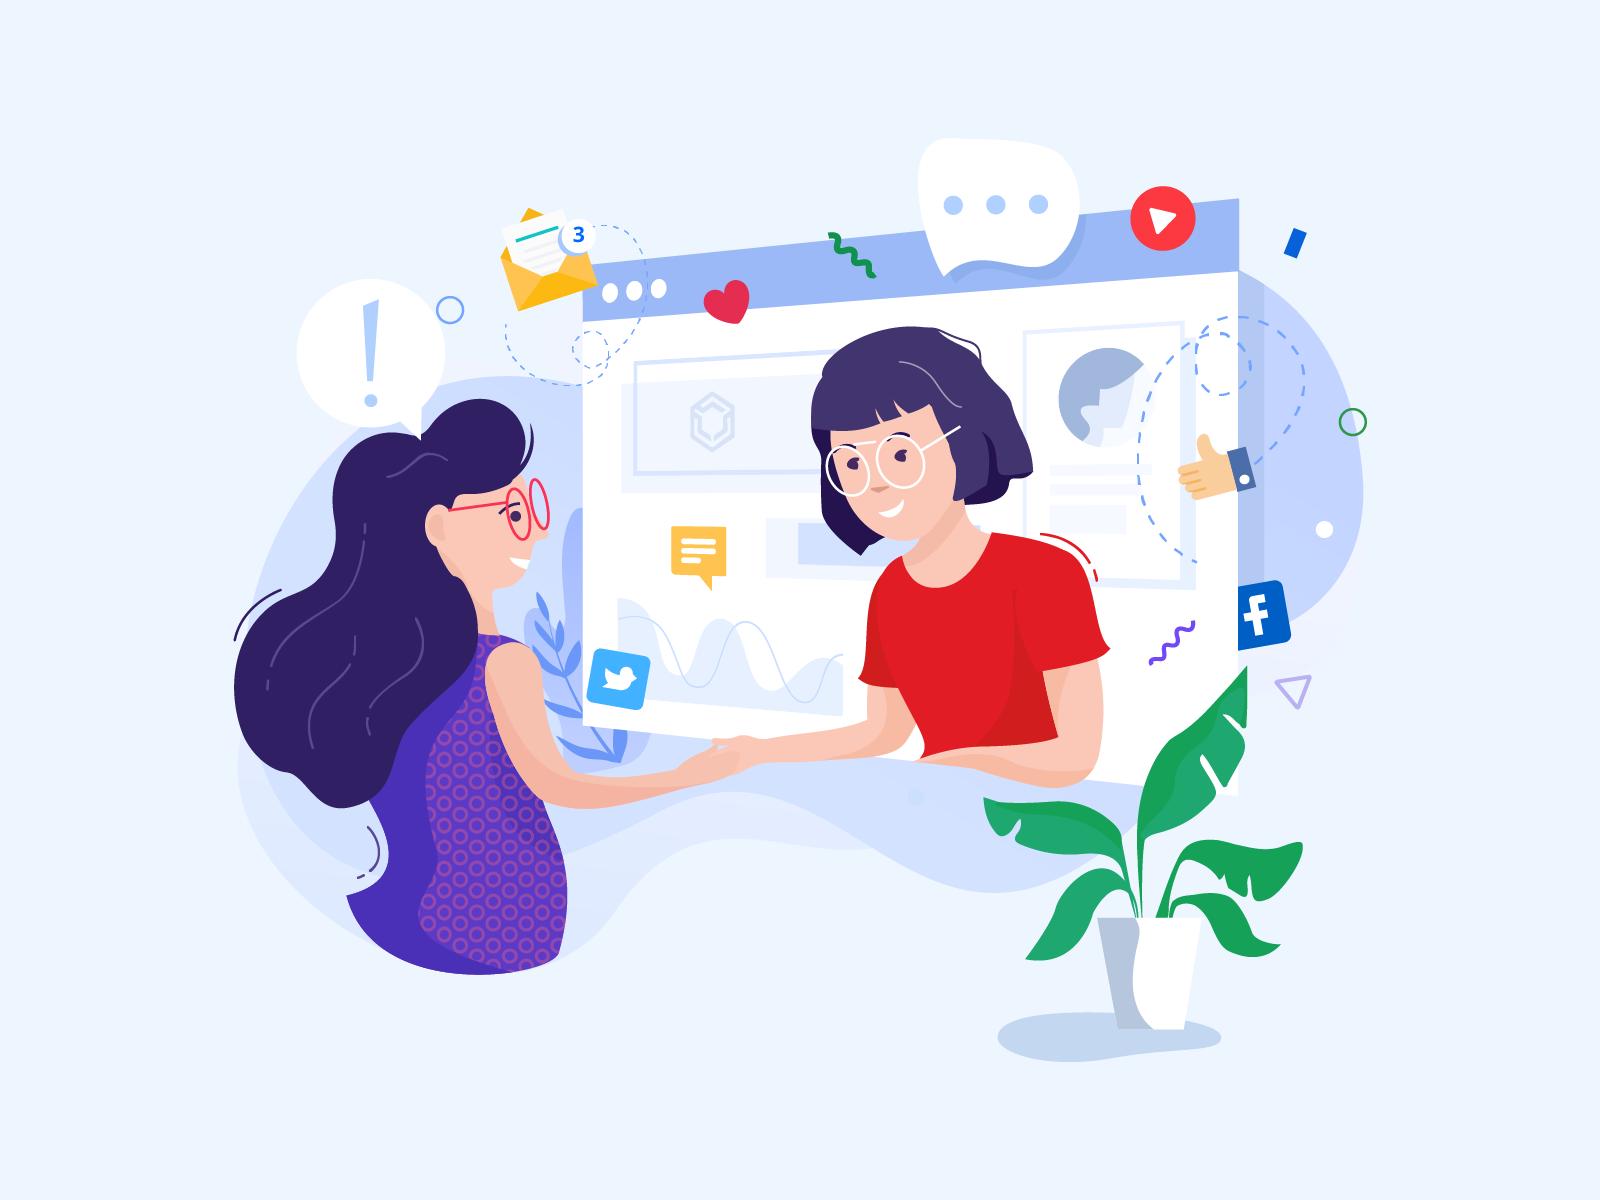 Để trở thành chuyên gia trong lĩnh vực affiliate marketing bạn cần có kỹ năng gì